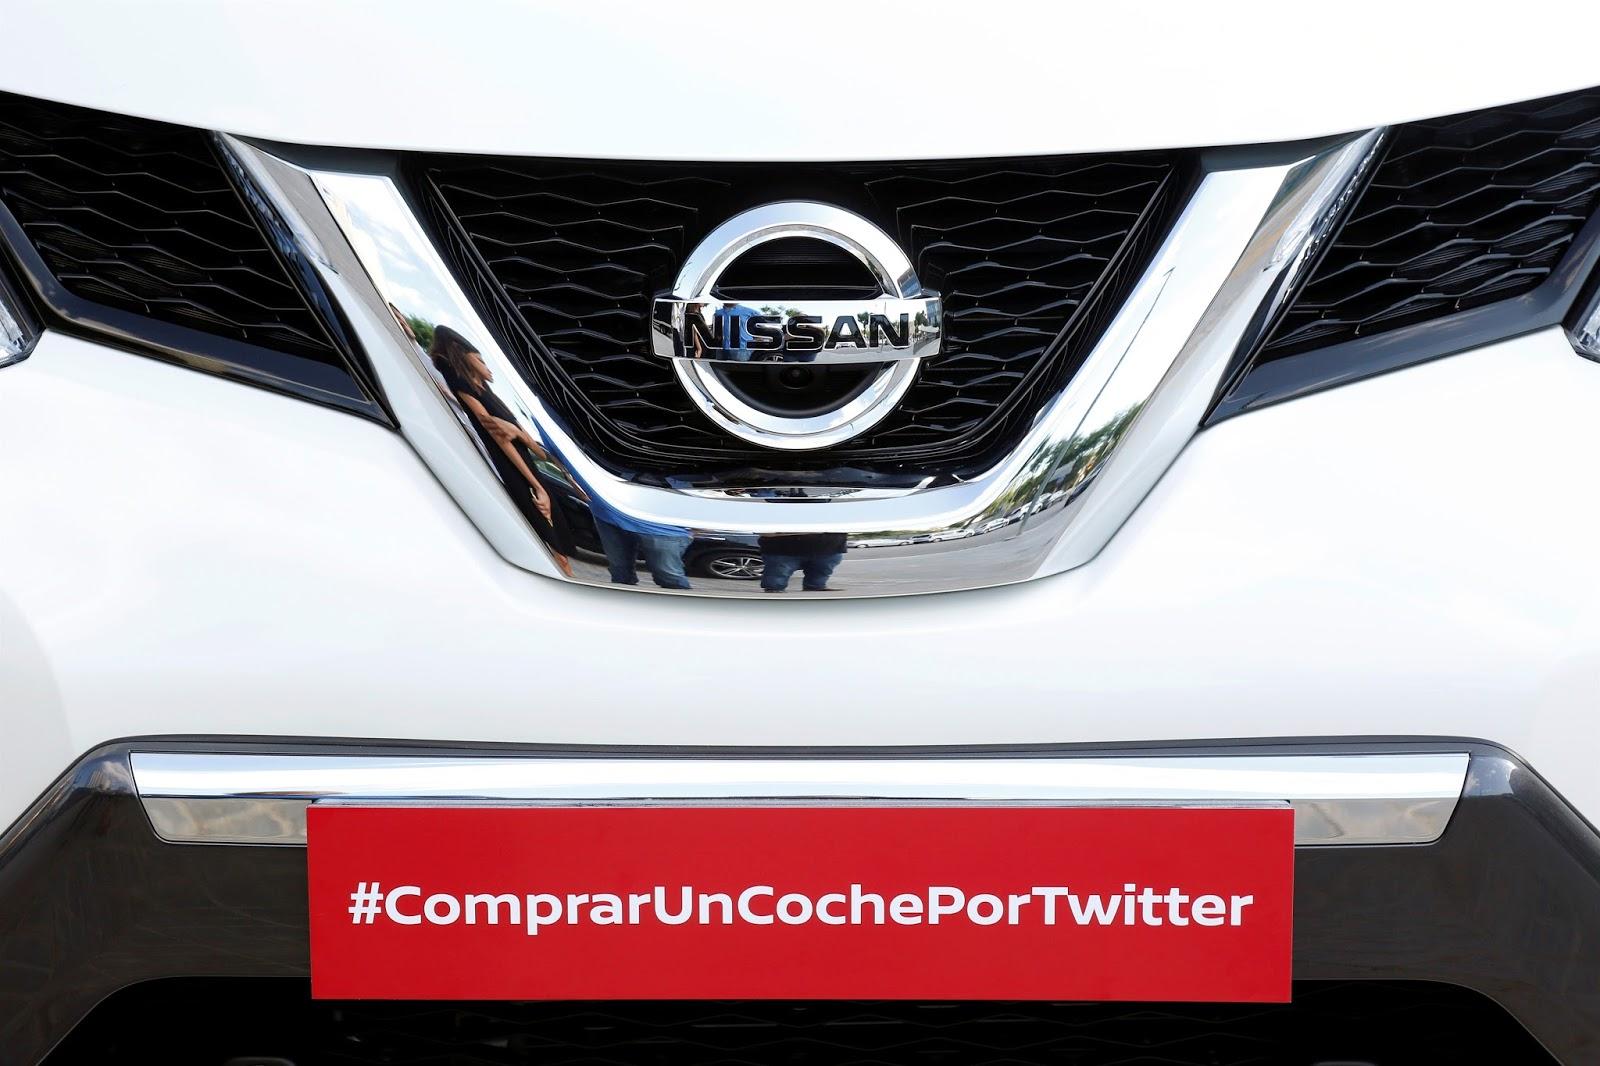 147849 1 5 Η Nissan πούλησε ένα X-Trail μέσω... twitter Nissan, Nissan X-trail, twitter, πωλήσεις, Τεχνολογία